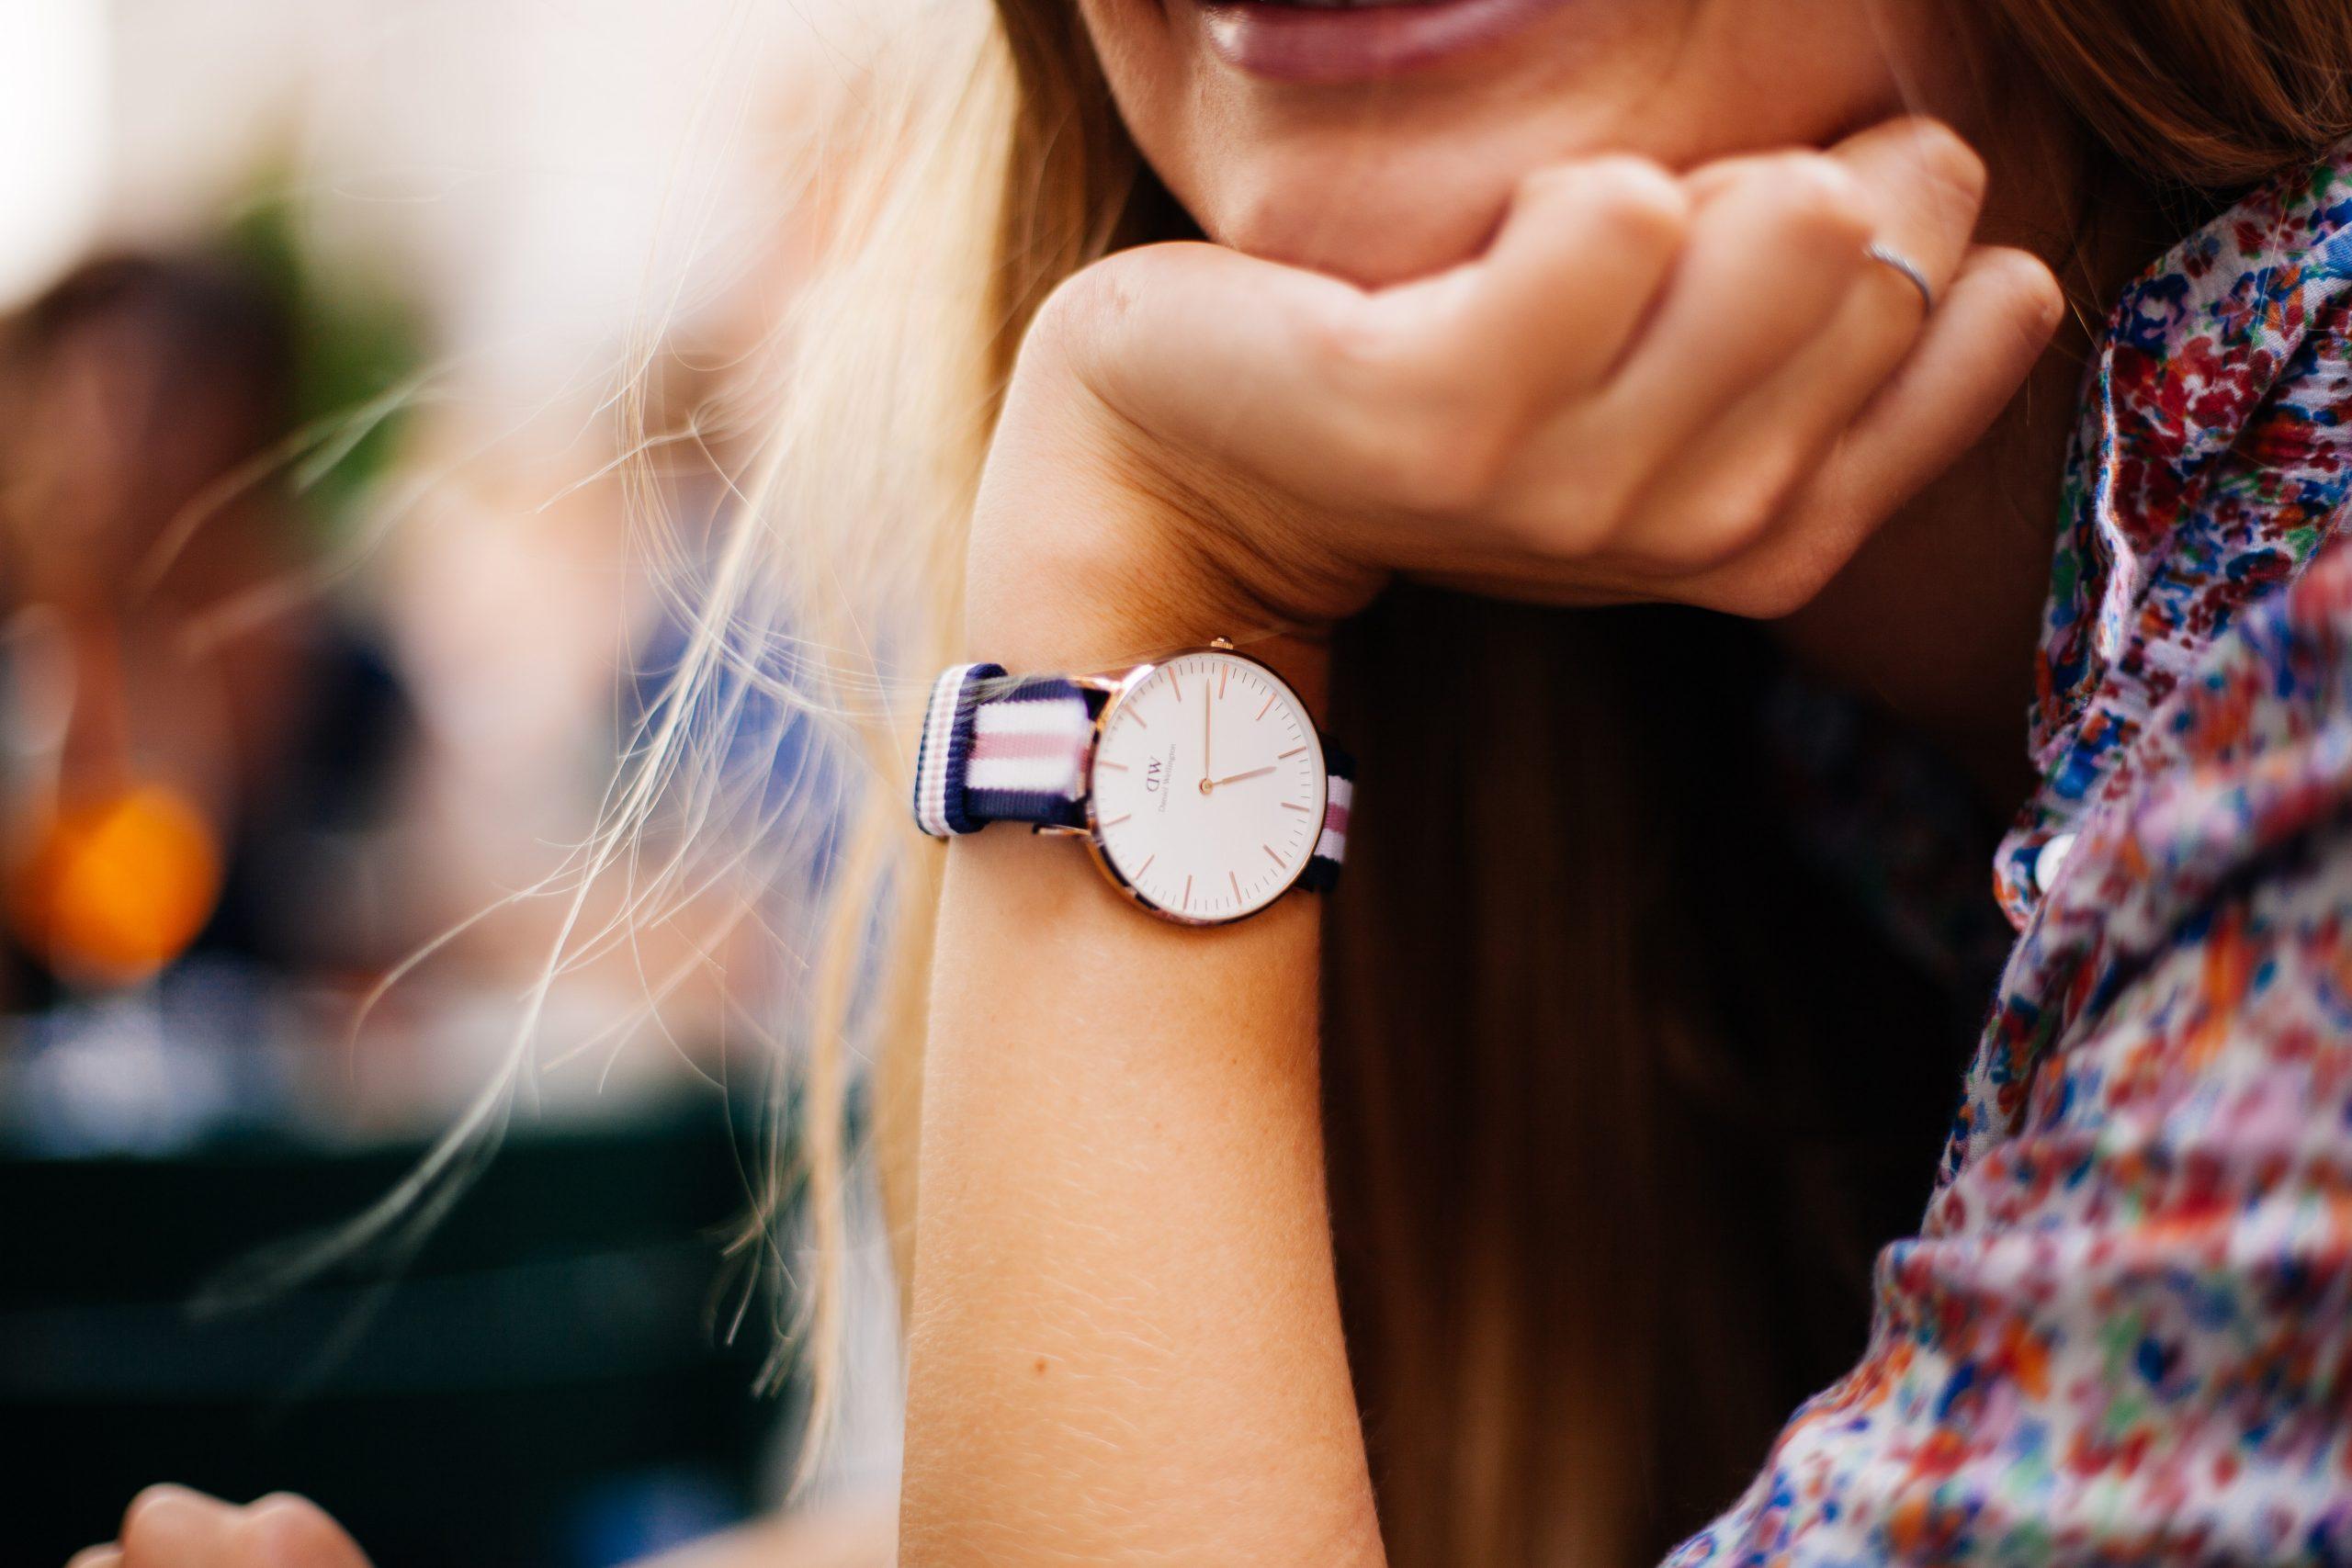 تفسير حلم ساعة اليد للعزباء